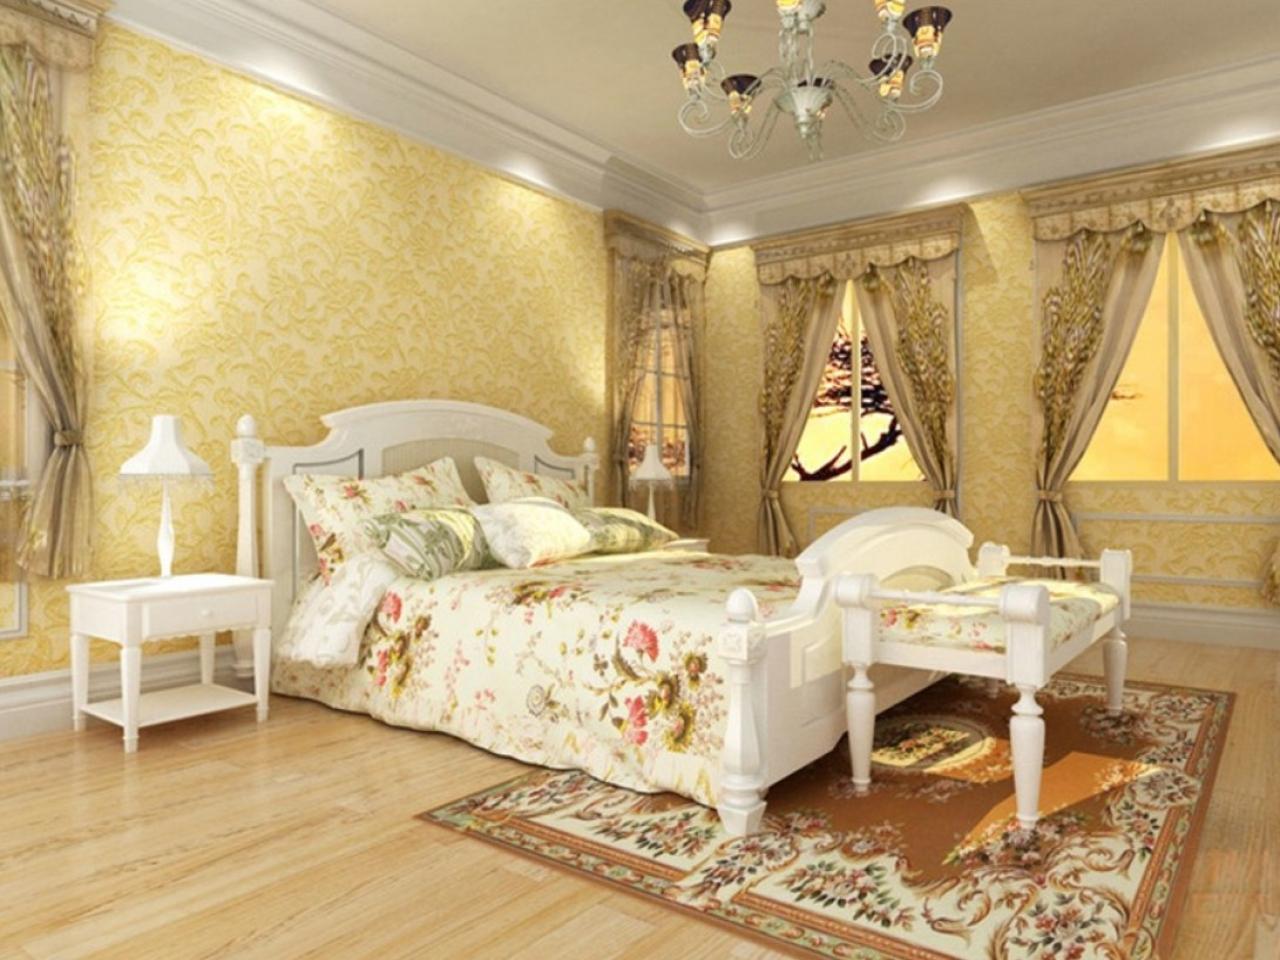 Design Yellow Bedroom Walls light yellow bedroom walls magic colors of your bedroom